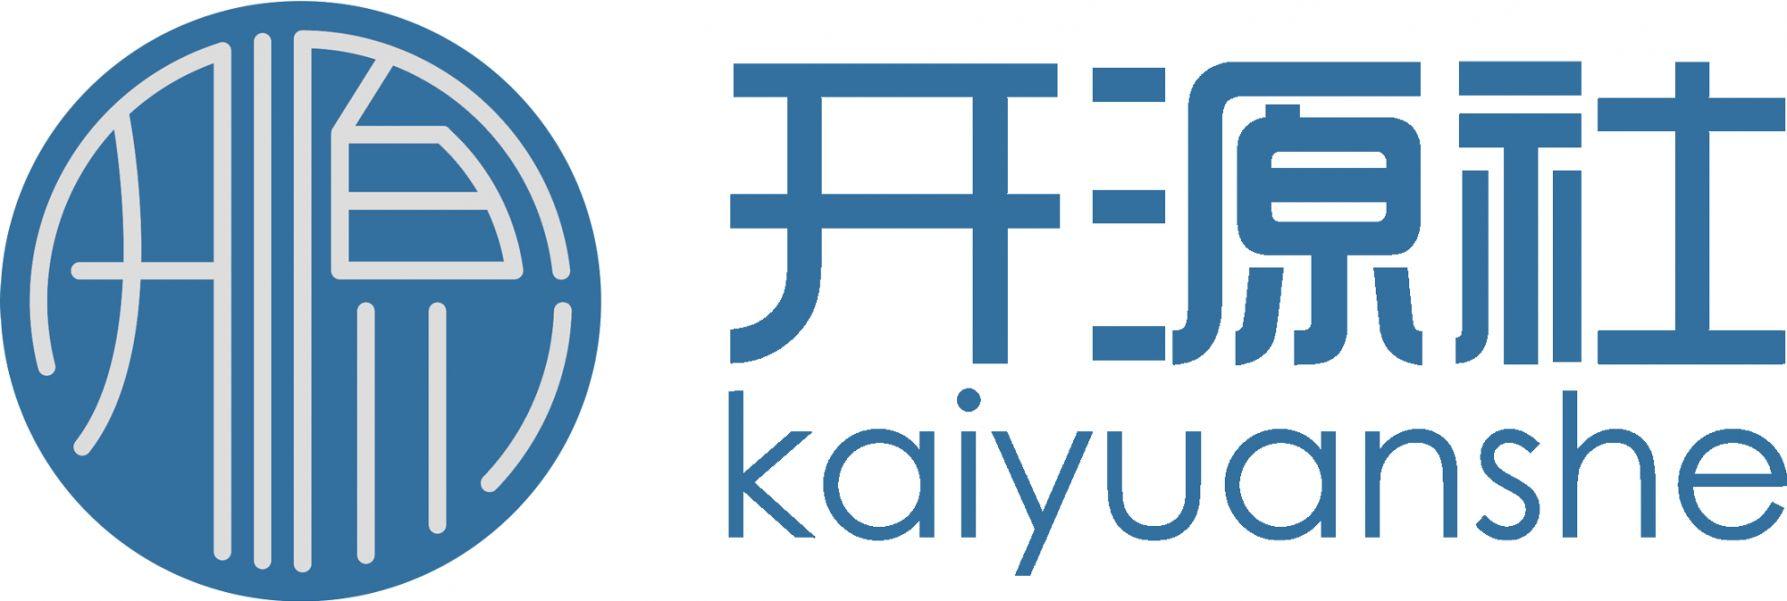 Kaiyuanshe Joins Open Source Initiative